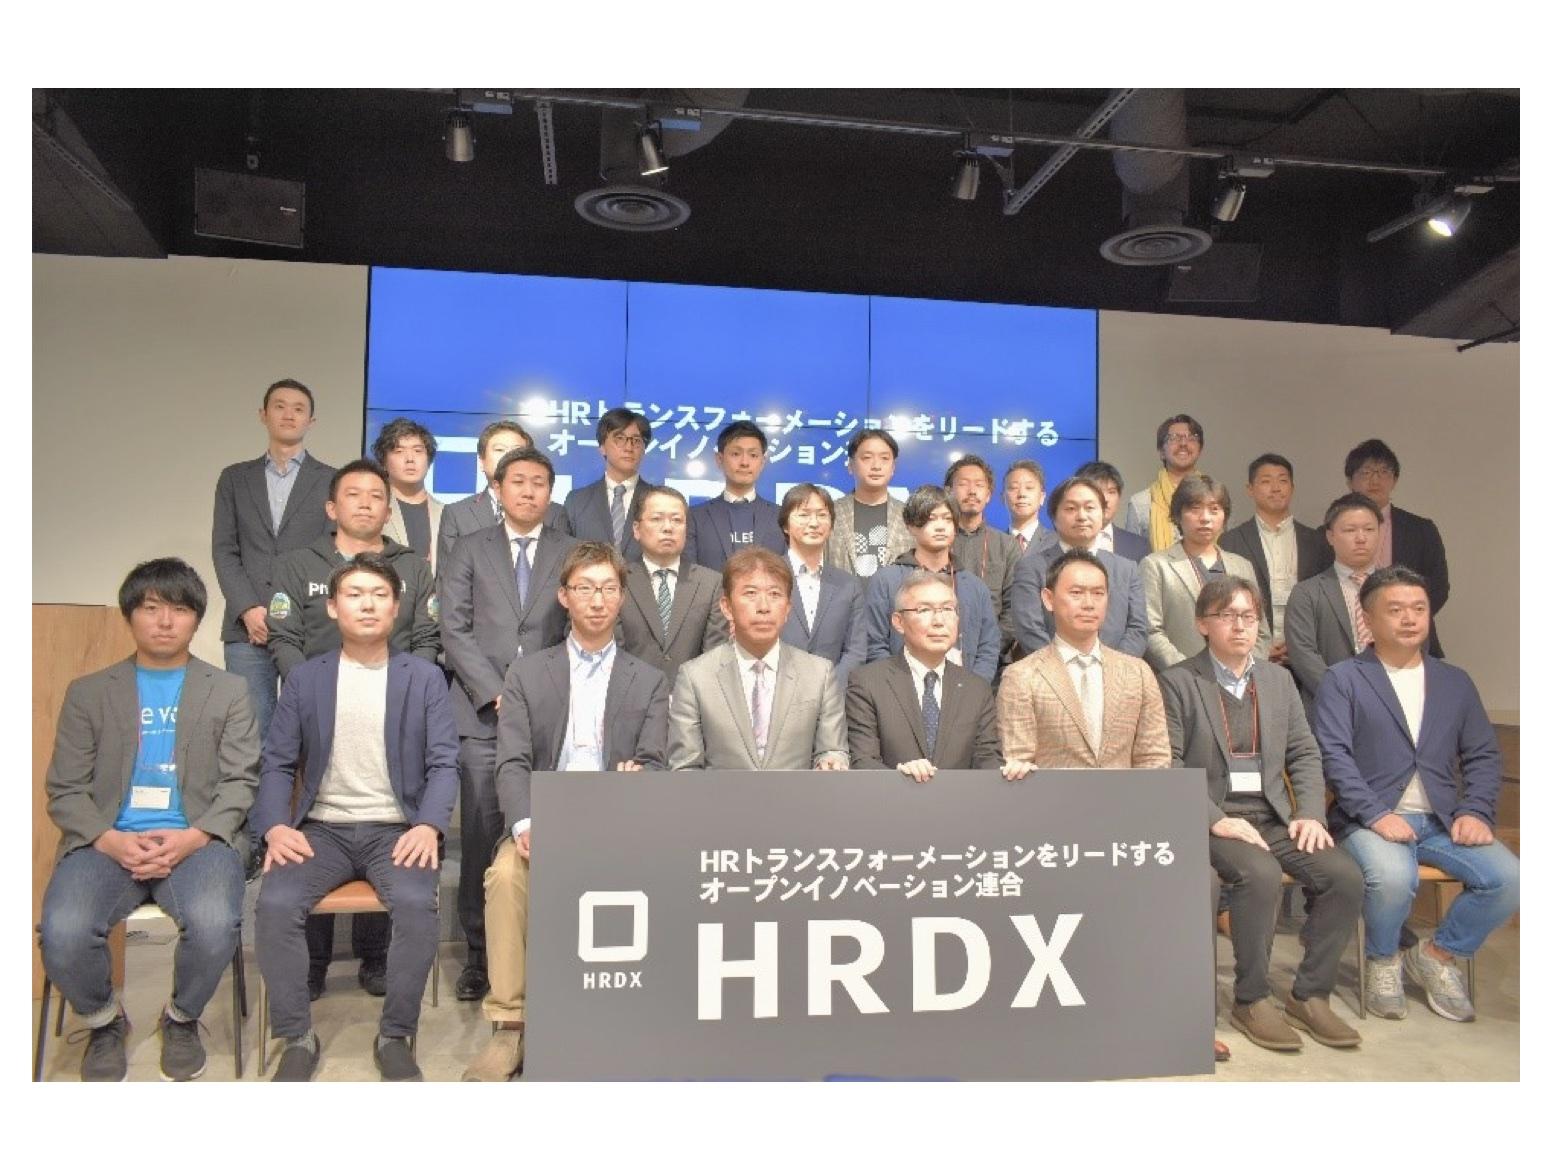 """""""日本の人事改革""""を推進――34企業が参画するオープンイノベーション連合『HRDX』が発足"""